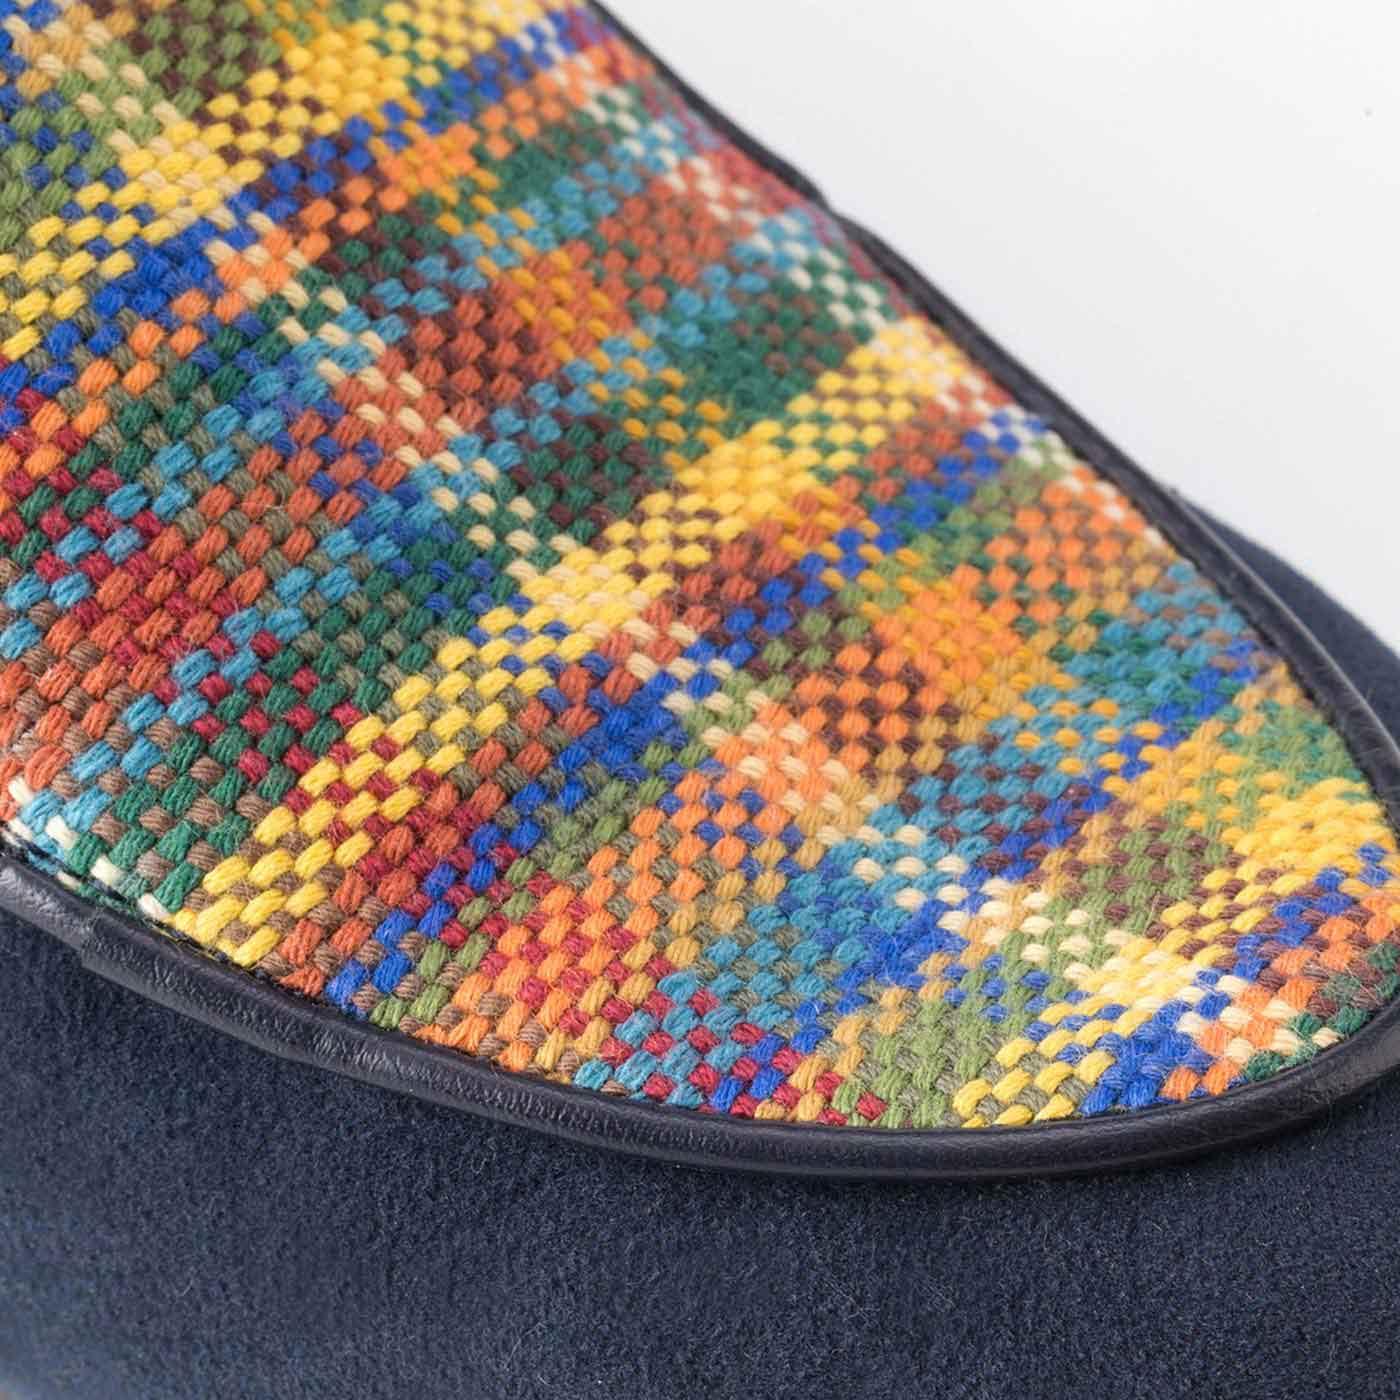 トレンド感たっぷりのスエード調素材にぬくもりのある「さをり織り」。手織りならではの味わいで足もとからパッと華やぎます。